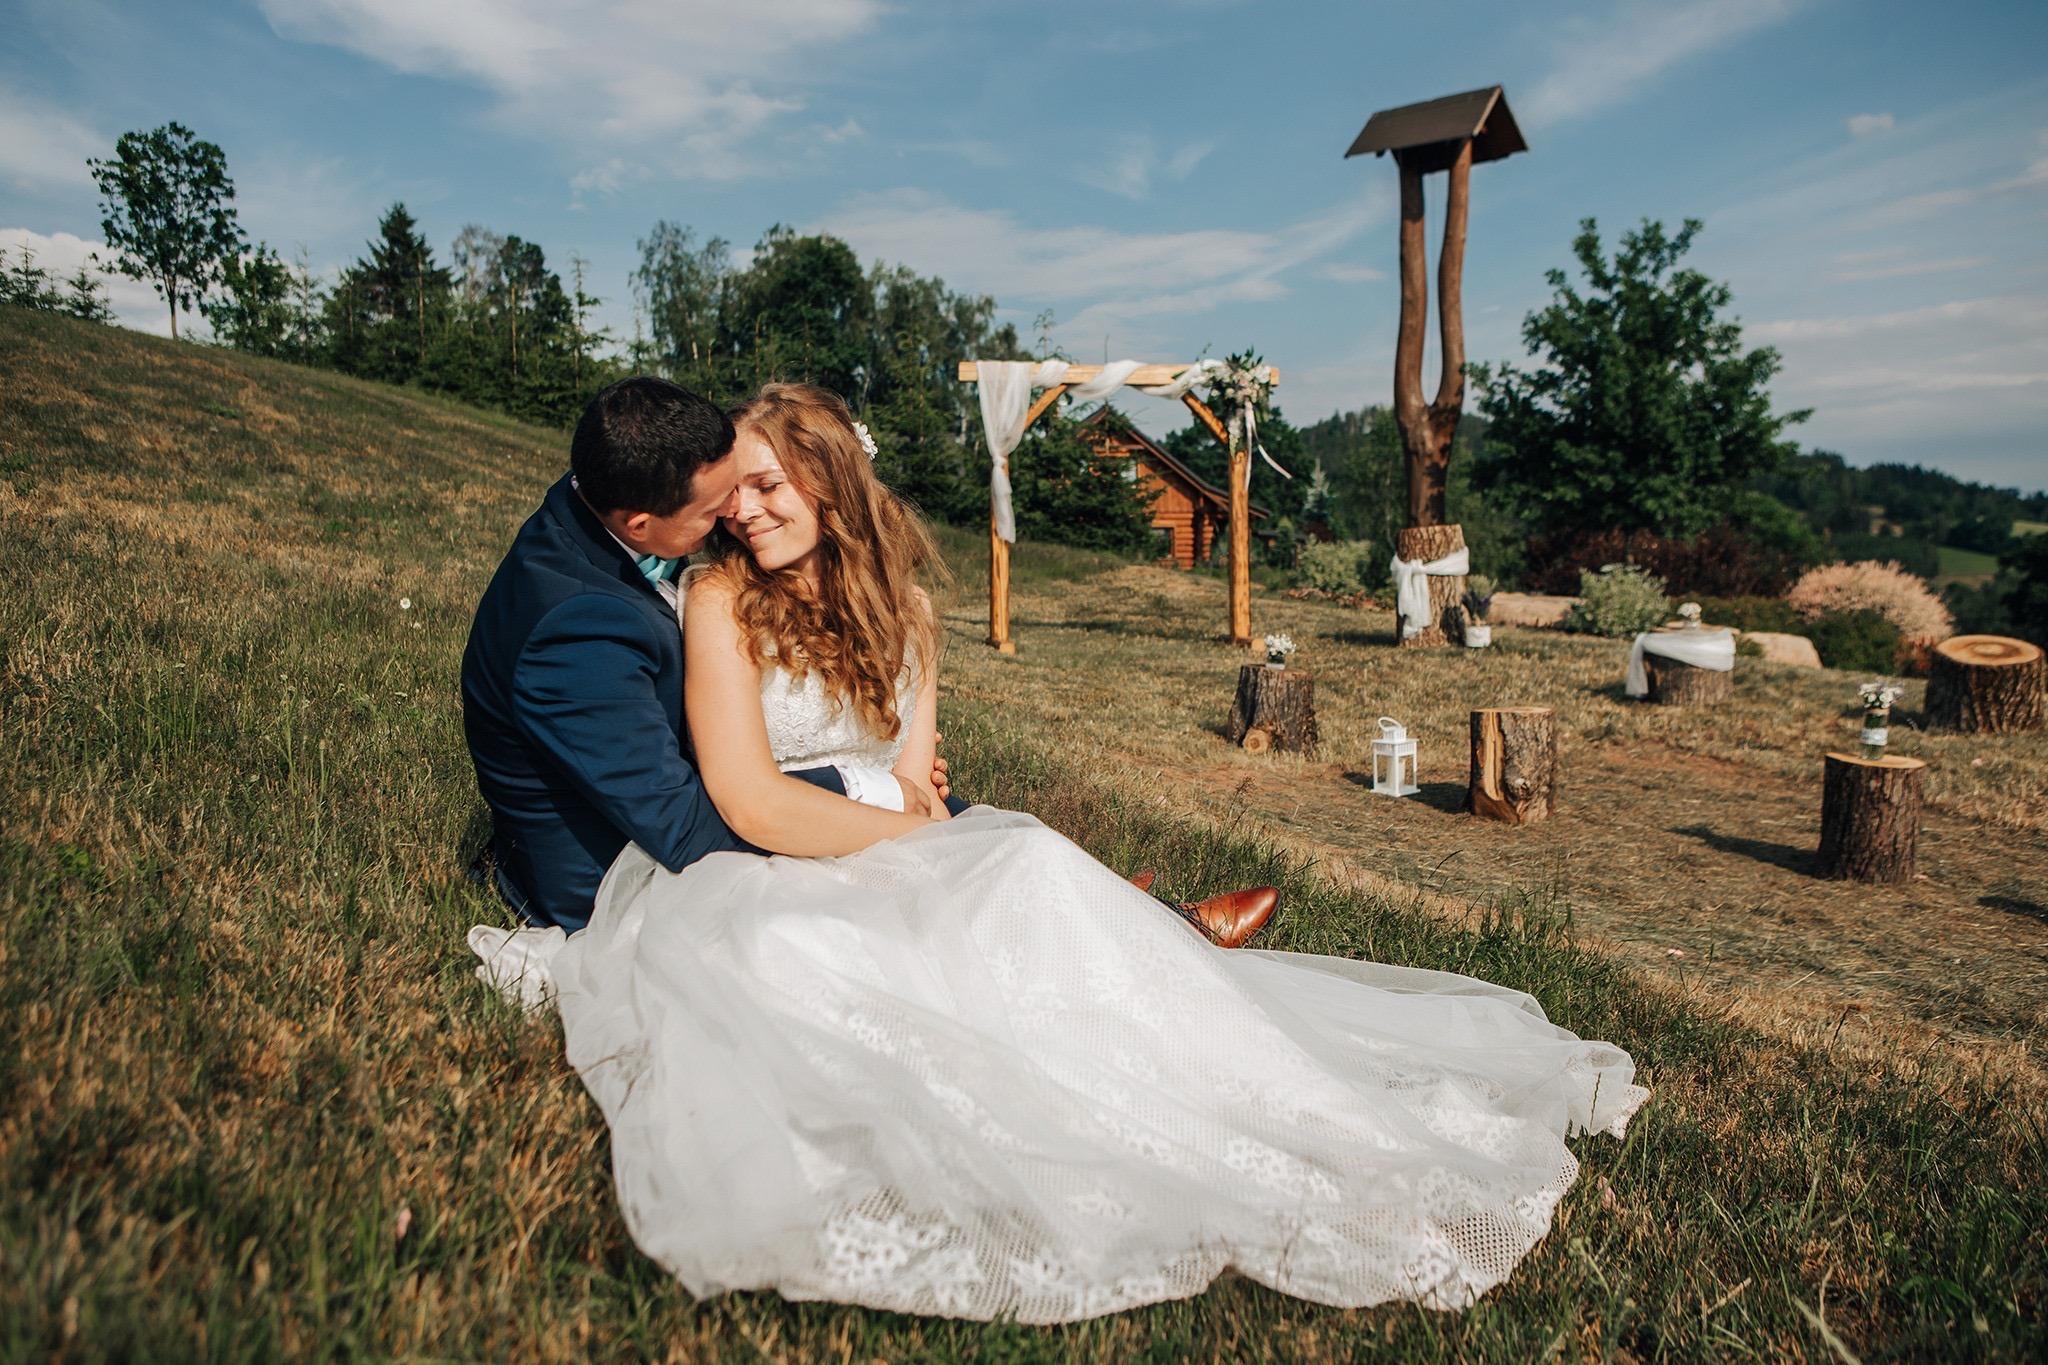 párové fotografování nevěsta ženich jičín